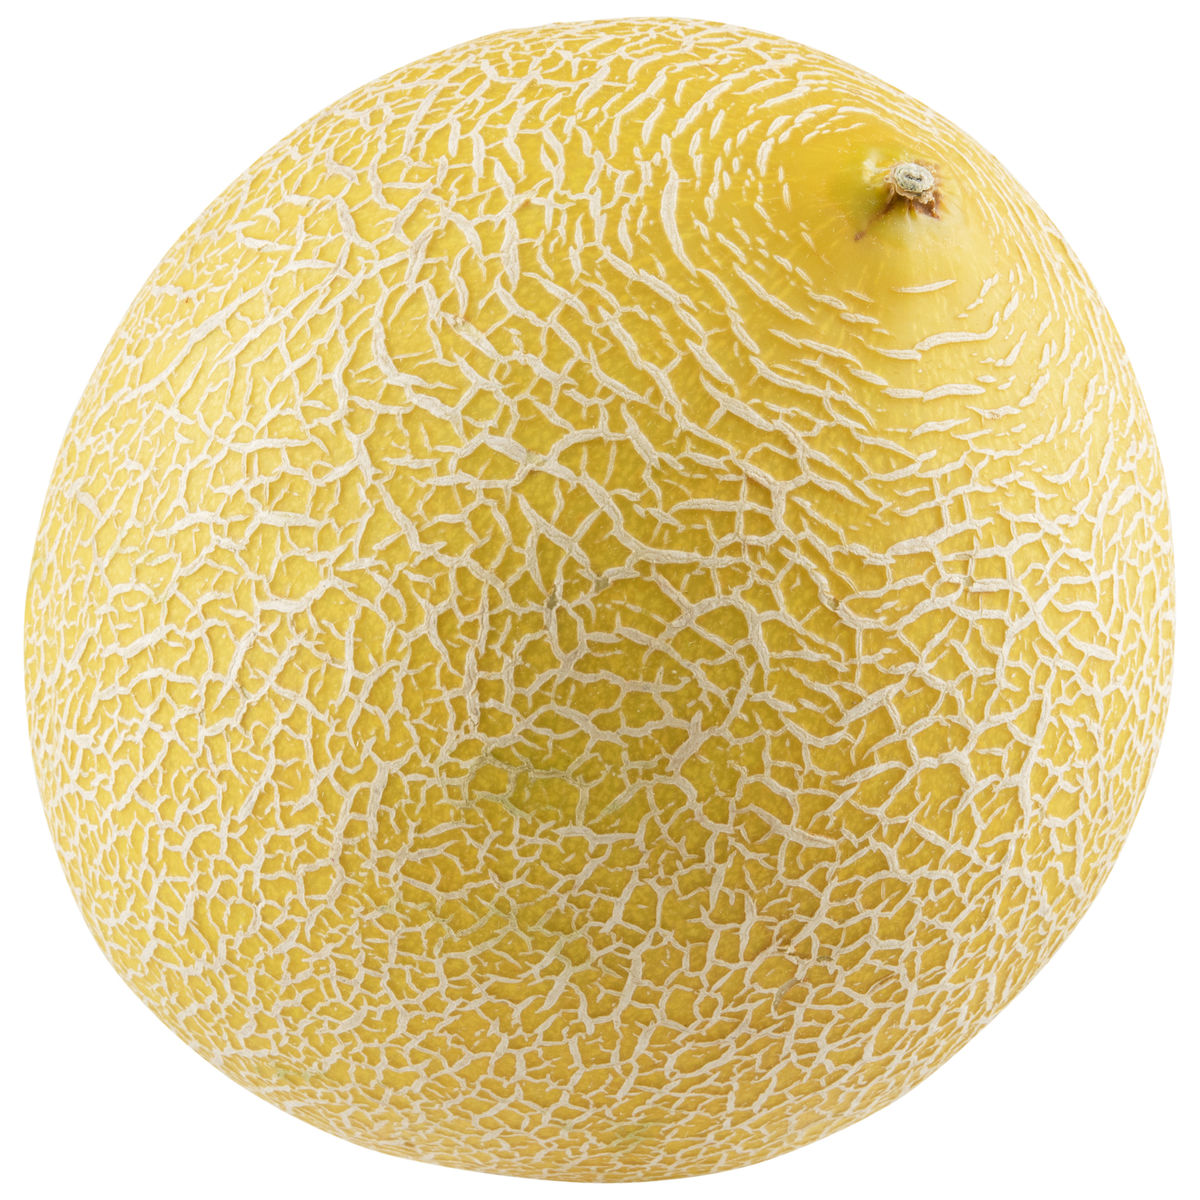 Melon Gallia